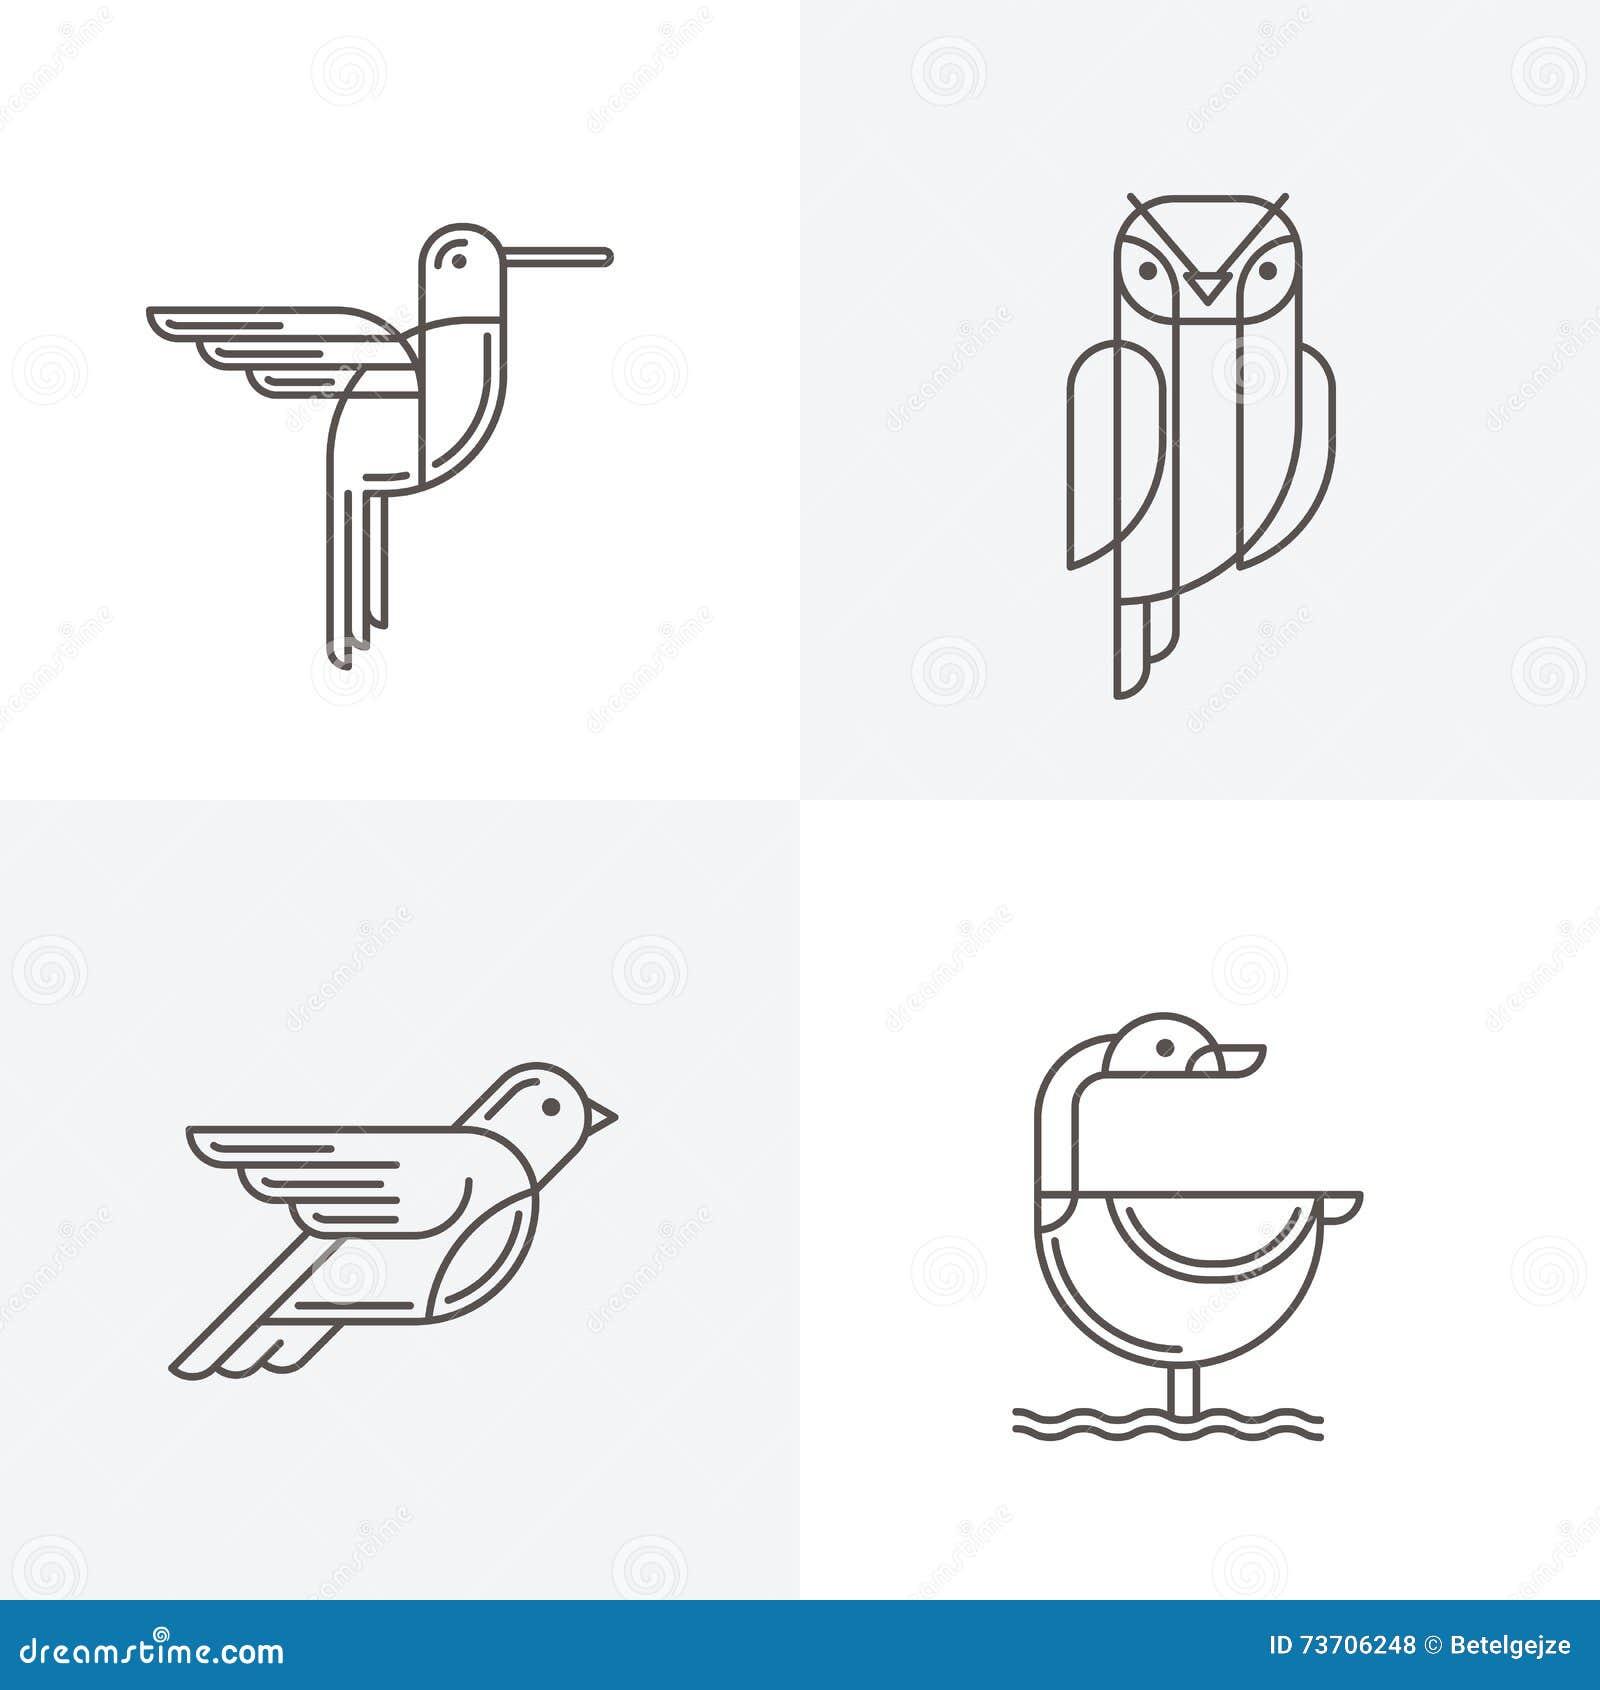 ensemble de vecteur logo de sch u00e9ma avec des oiseaux